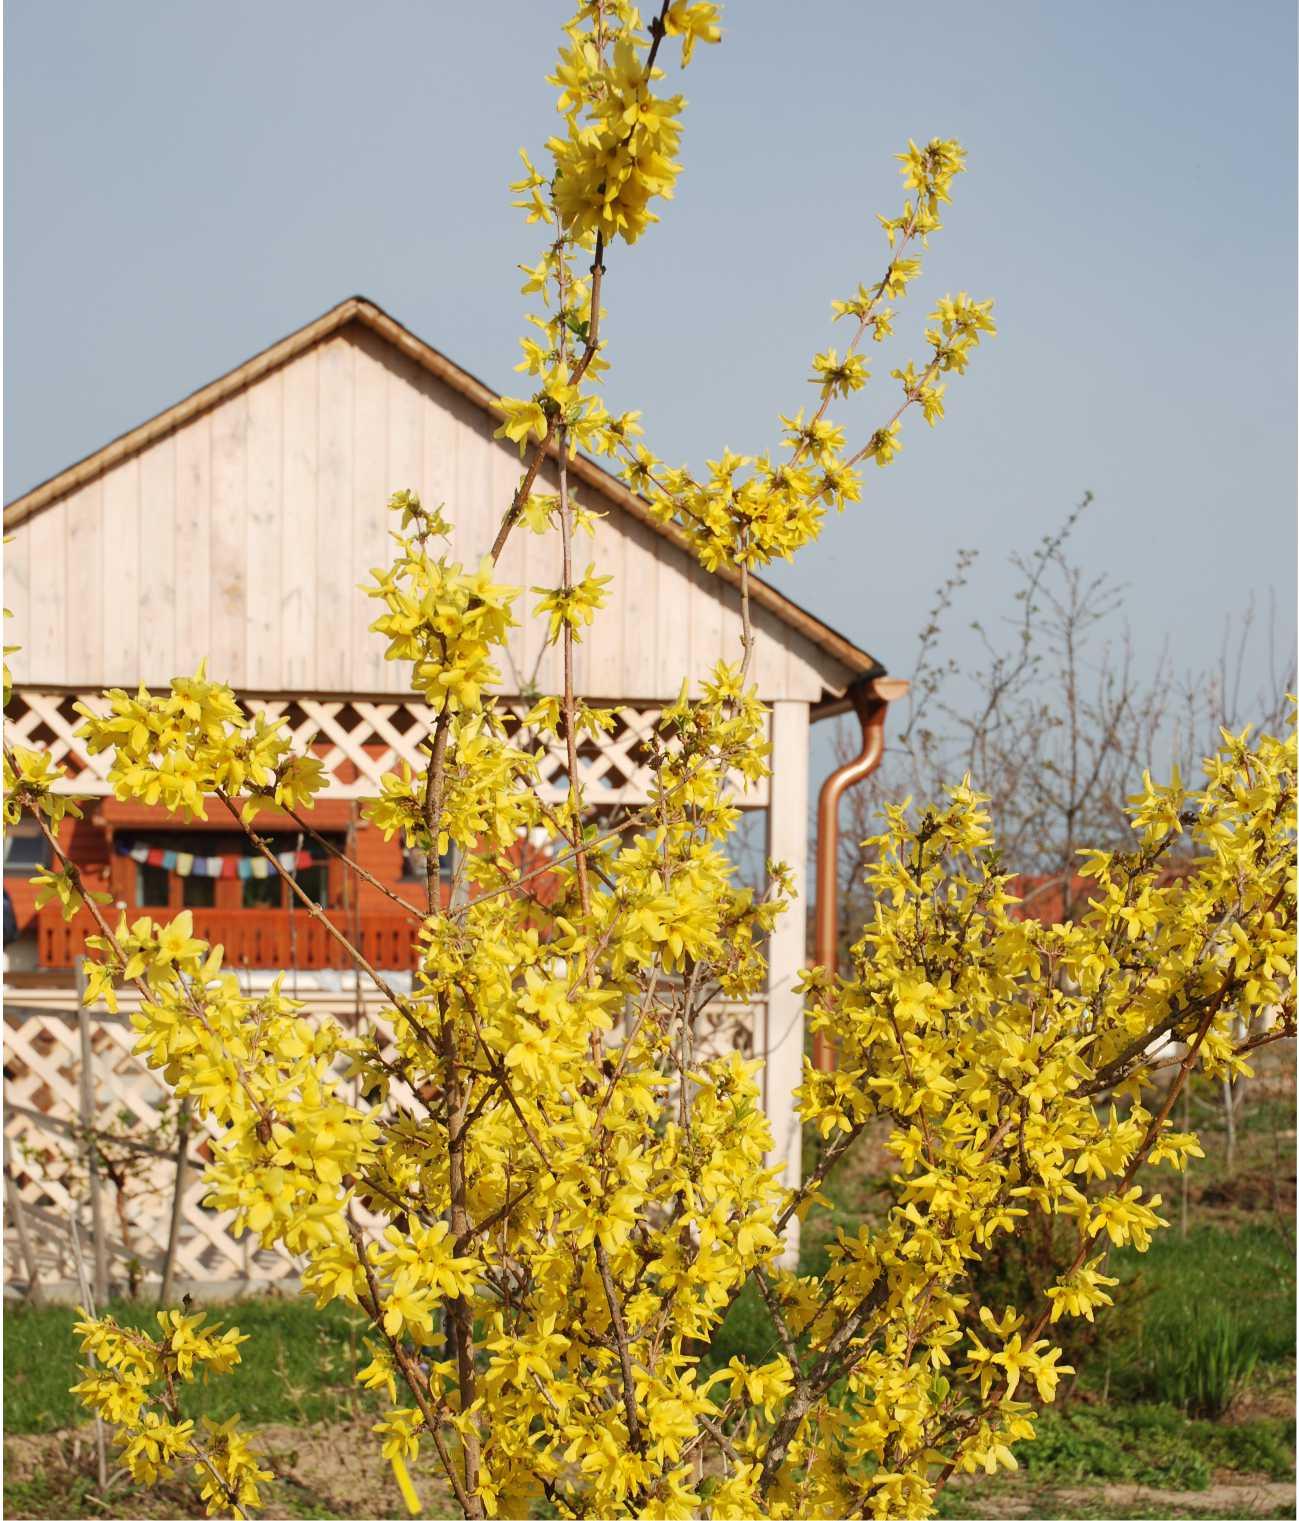 Azt mondják, hogy amikor a kertben nyílik az aranyeső és a piacon ibolyát árulnak, akkor itt a tavasz!